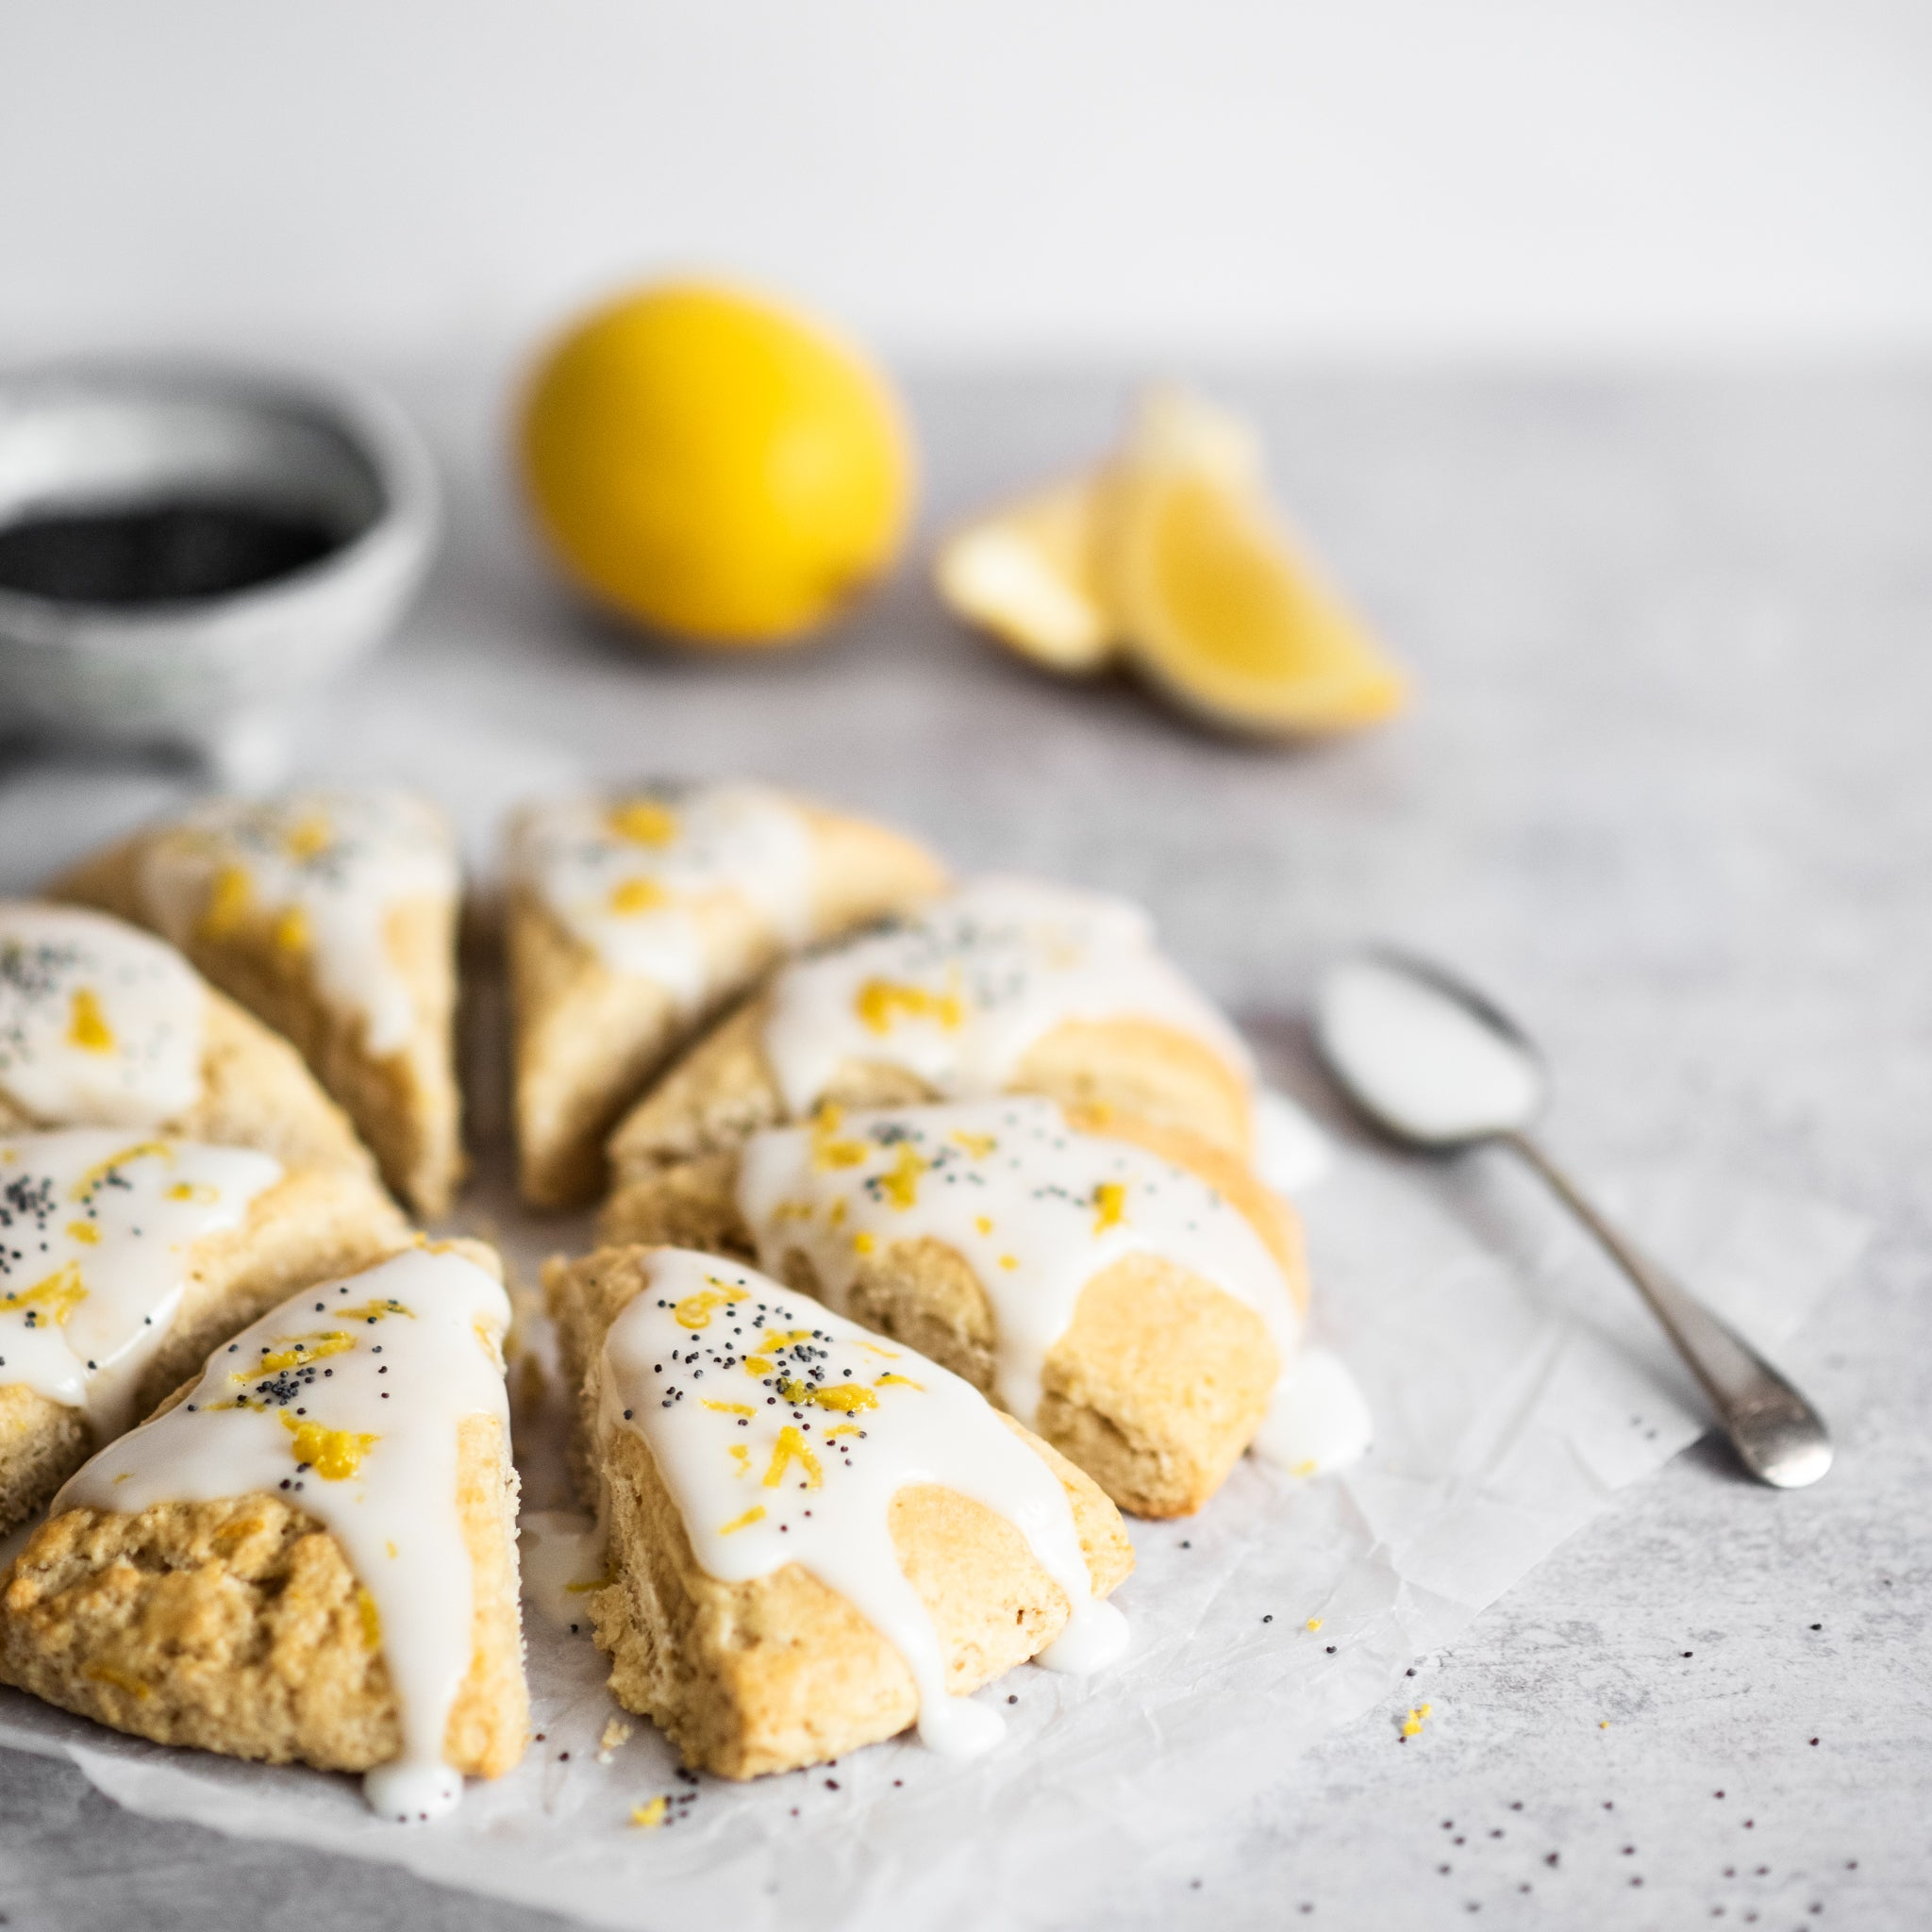 Lemon-Scones-SQUARE-4.jpg